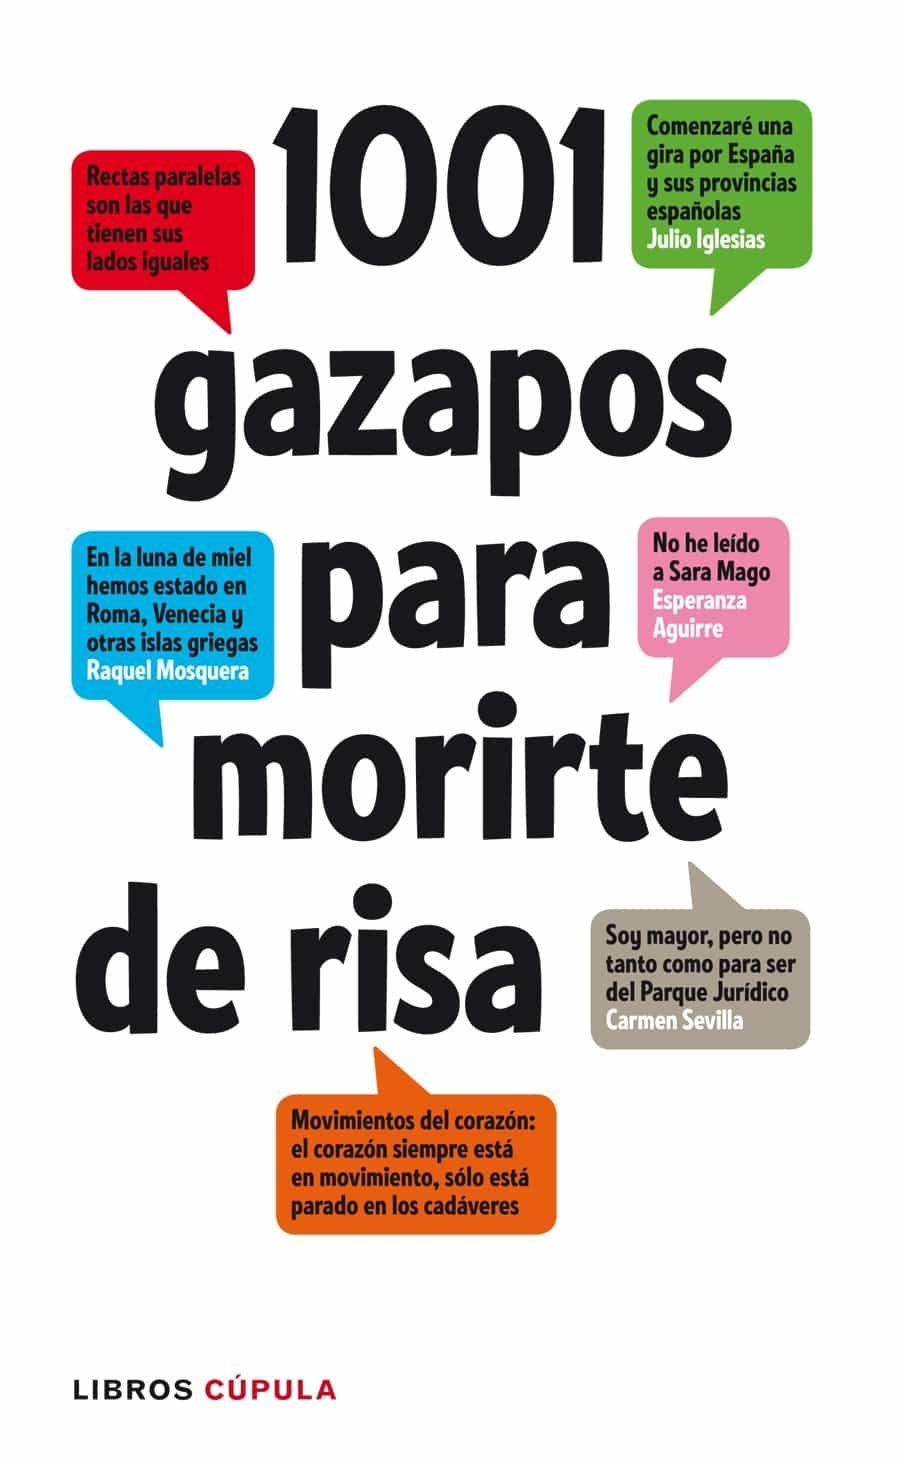 1001 Gazapos Para Morirte De Risa Vvaa Comprar Libro 9788448048037